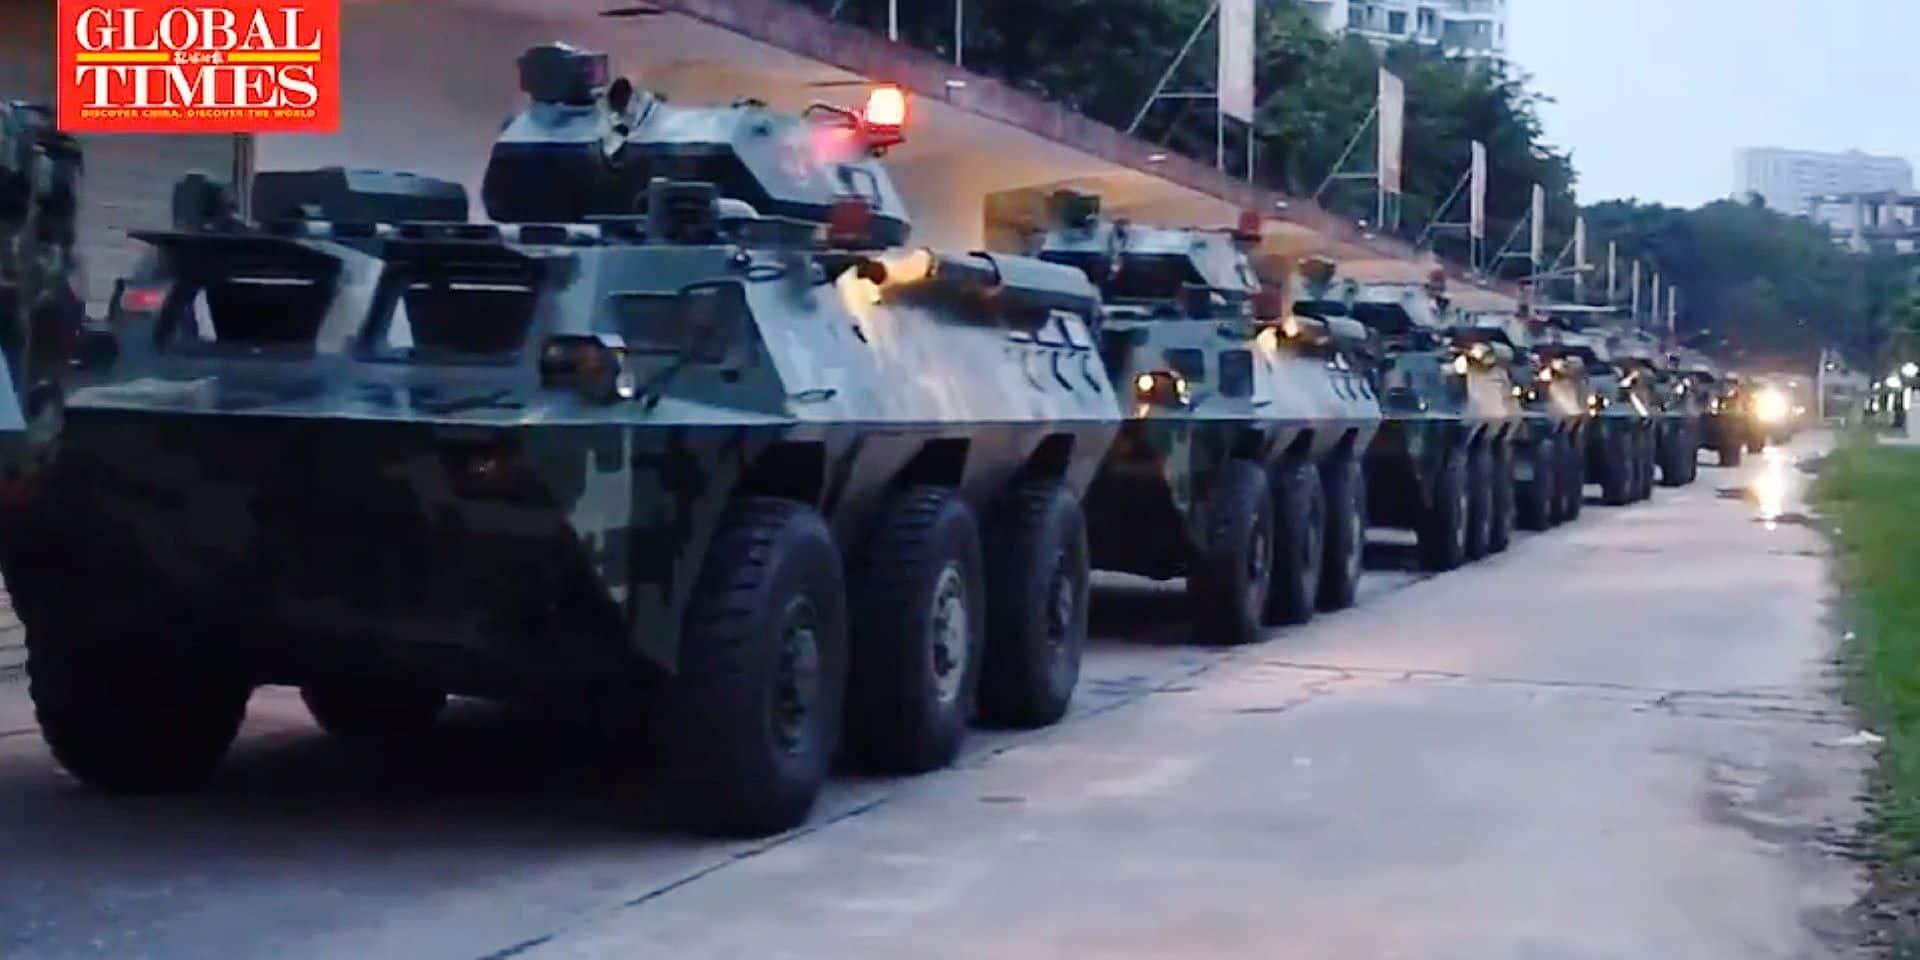 Chine Une vidéo montre des blindés en exercice près de la frontière hongkongaise